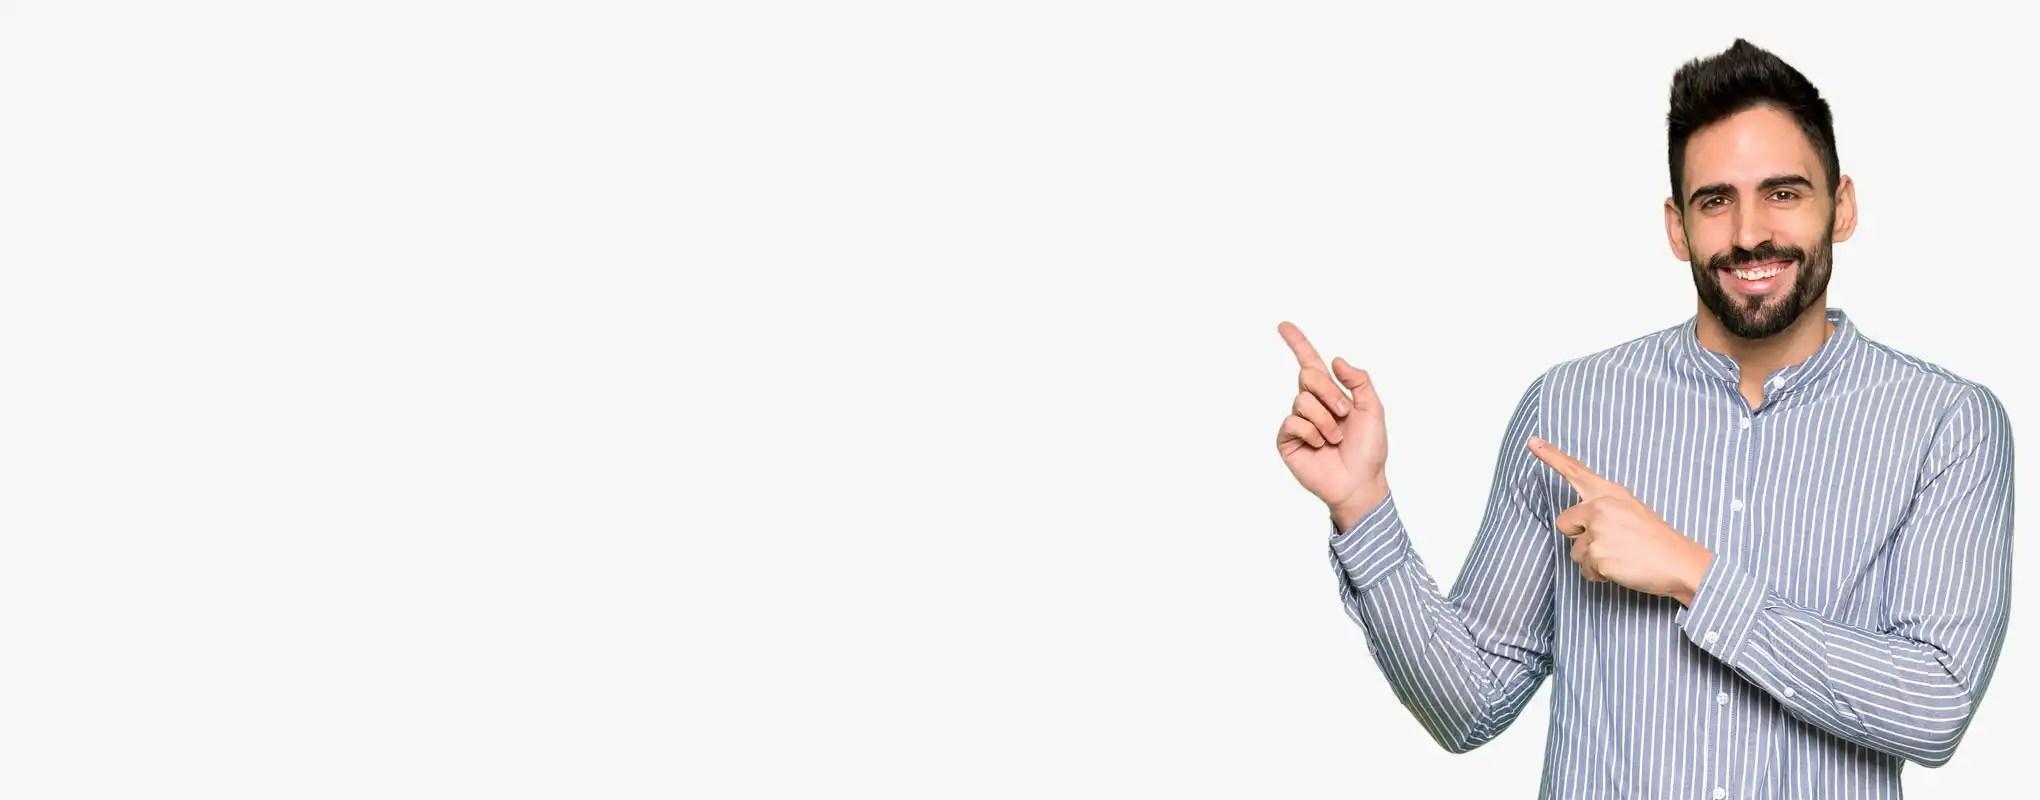 Arredo Bagno Frosinone,Pavimenti Frosinone,Rivestimenti Frosinone,Ceramiche Falc,Ceramiche Frosinone,Ceramiche,Pavimenti,Rivestimenti